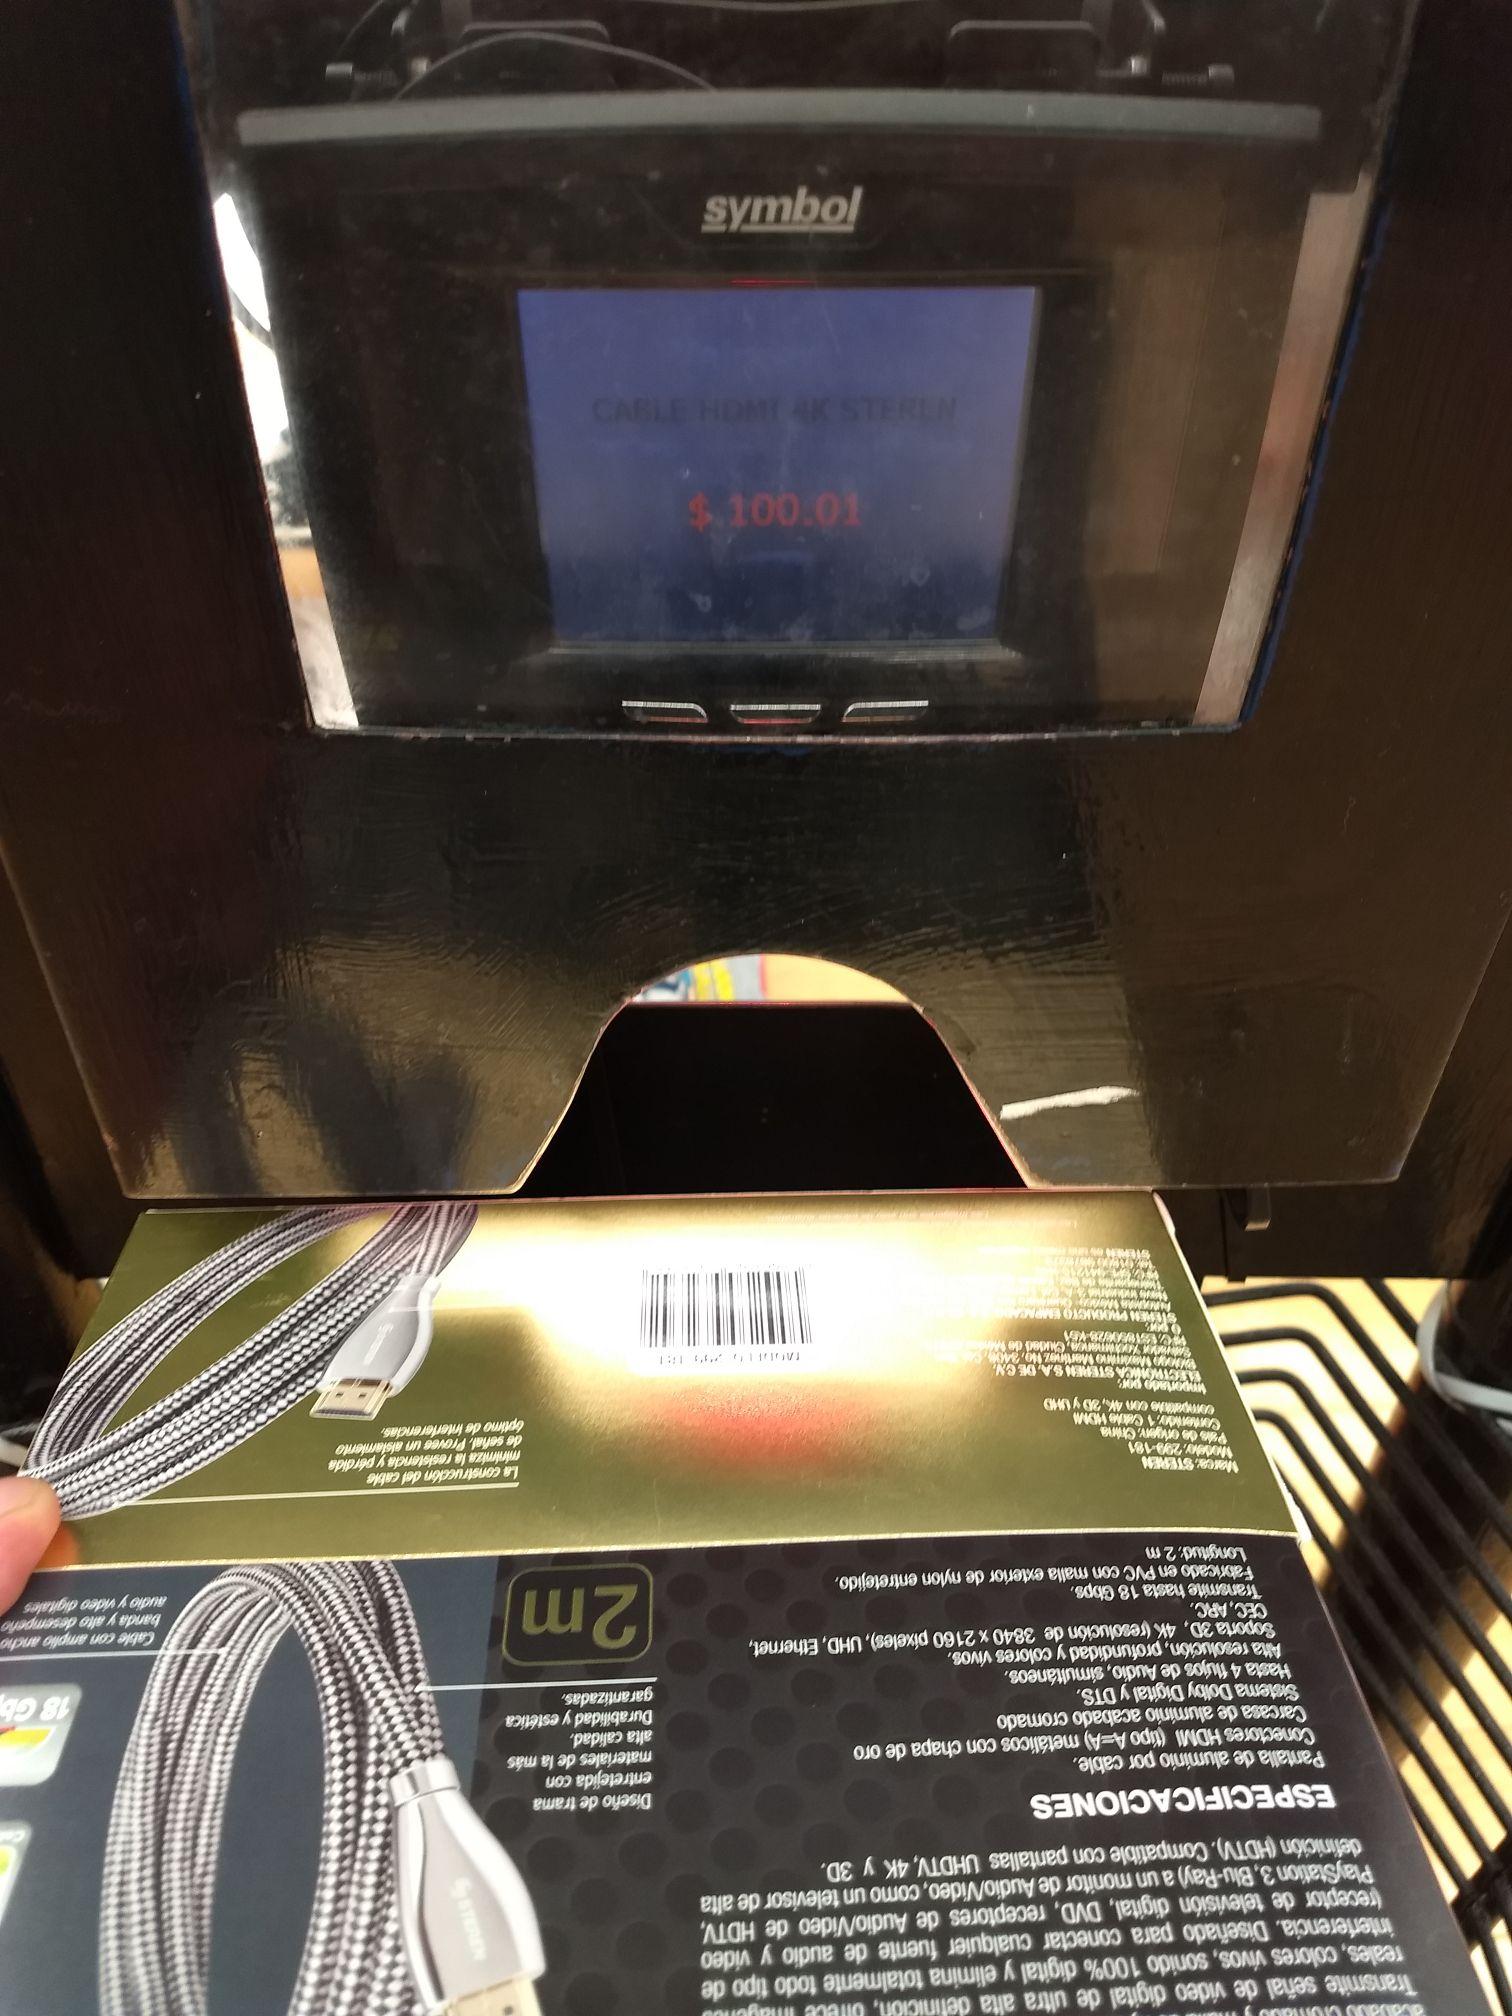 Walmart Sucursal Copilco. Cable HDMI (Steren) $100.01